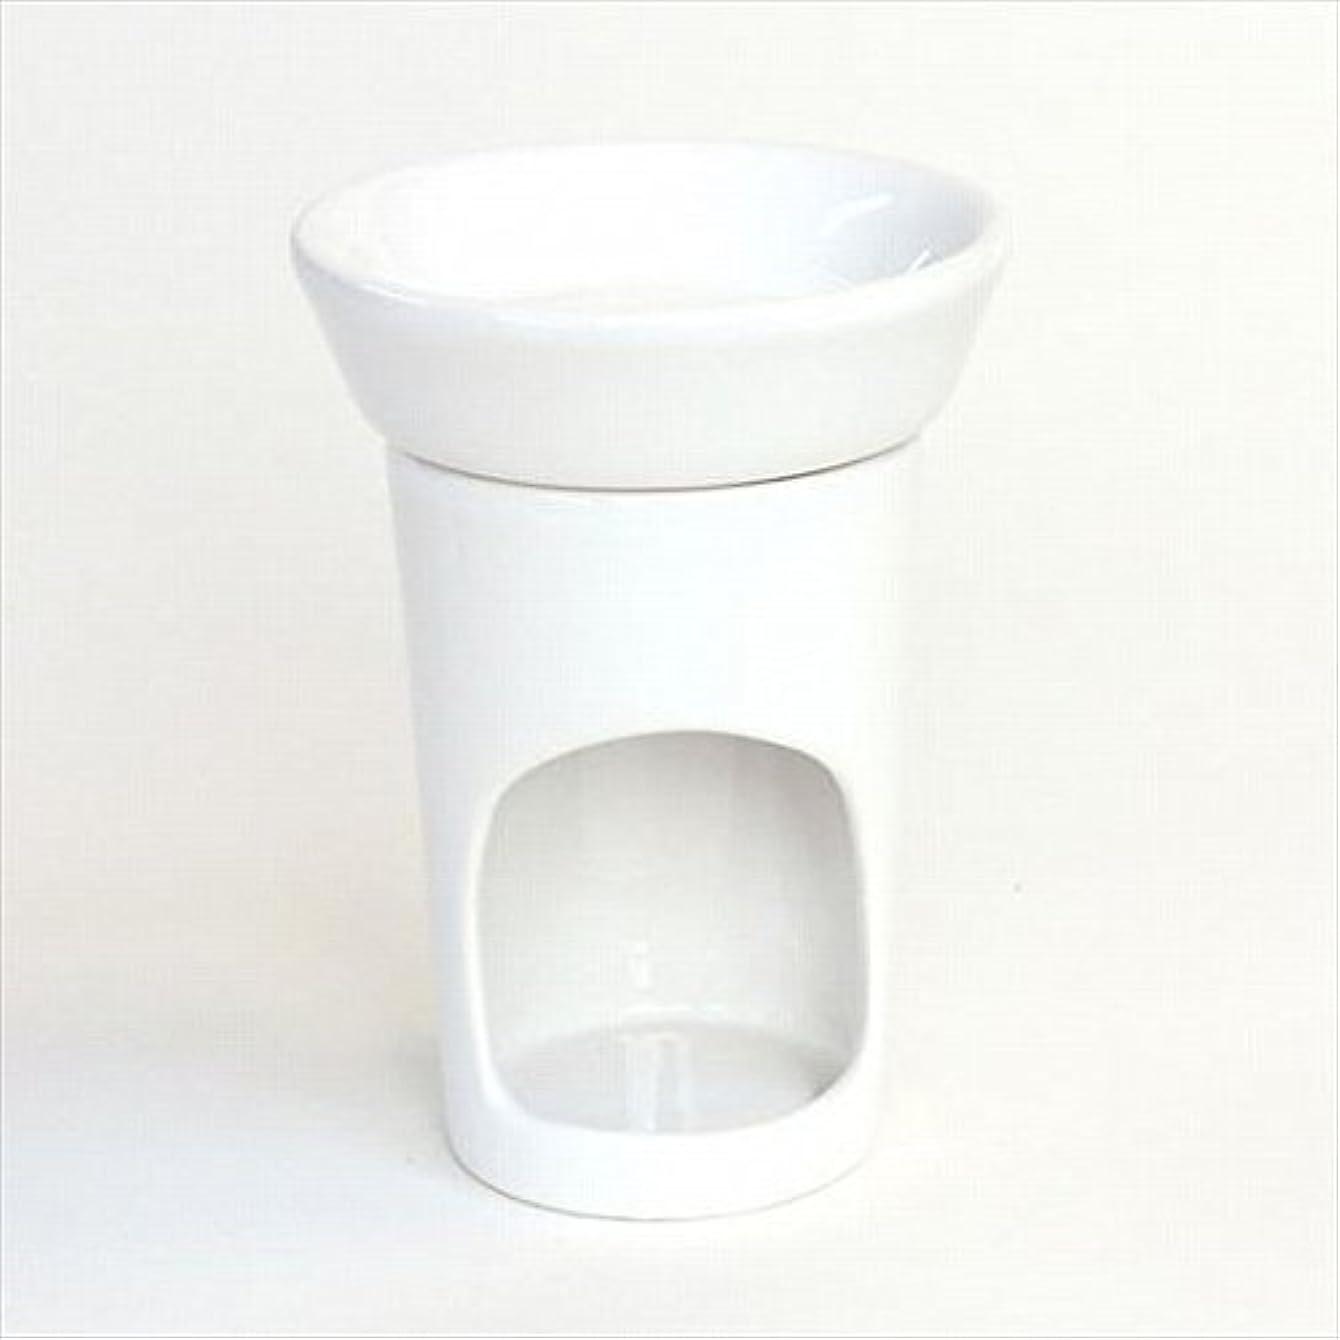 防腐剤期間暫定のkameyama candle(カメヤマキャンドル) ブランタルトウォーマー キャンドル 78x78x116mm (J5250000)